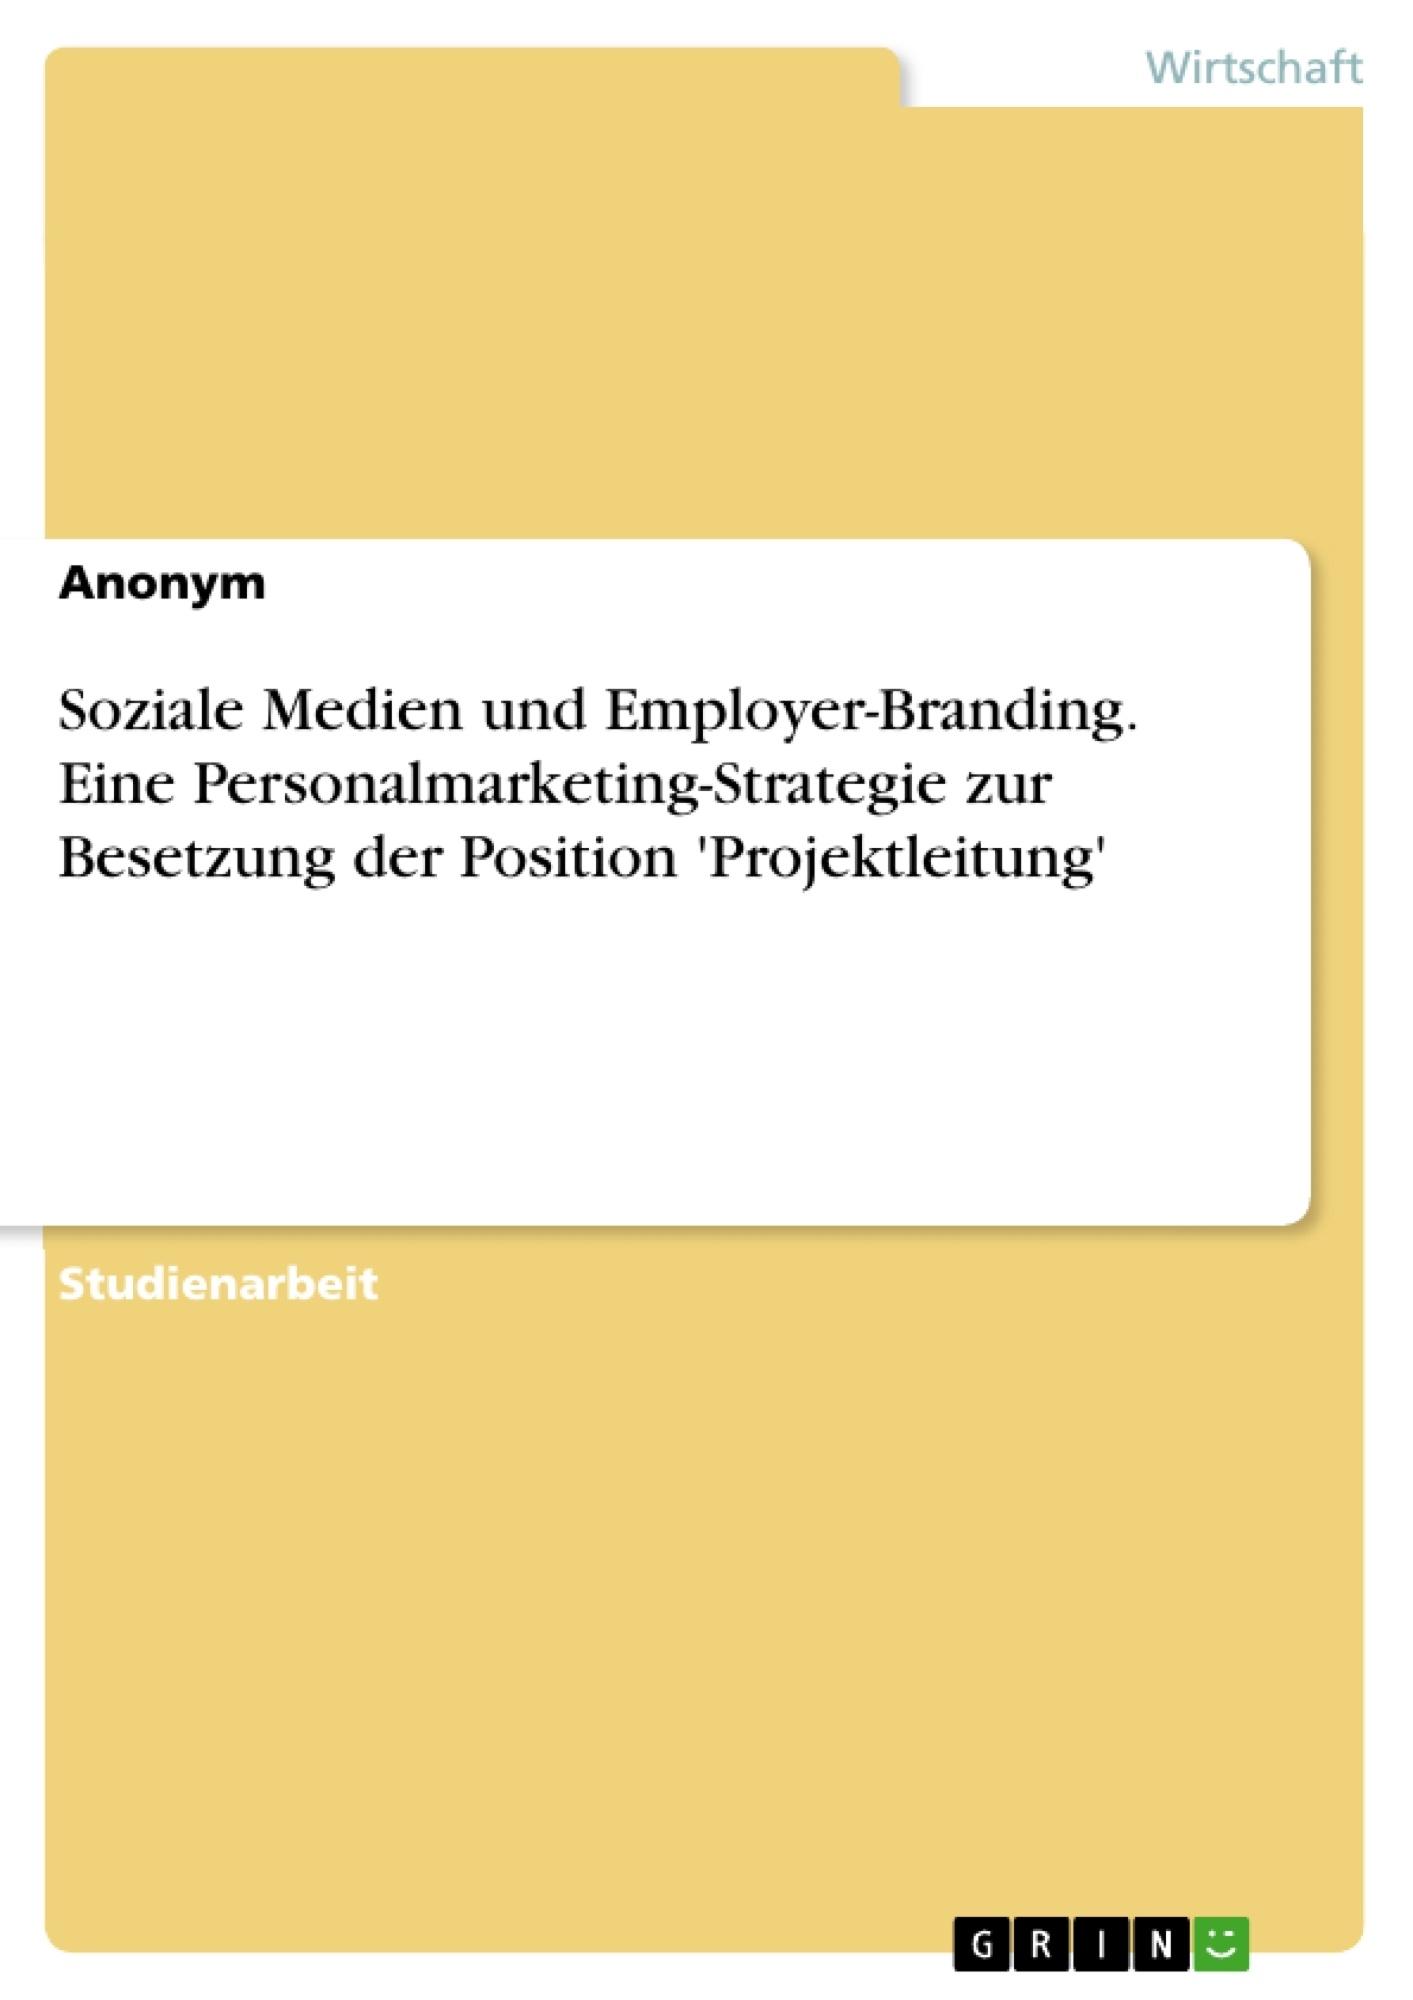 Titel: Soziale Medien und Employer-Branding. Eine Personalmarketing-Strategie zur Besetzung der Position 'Projektleitung'